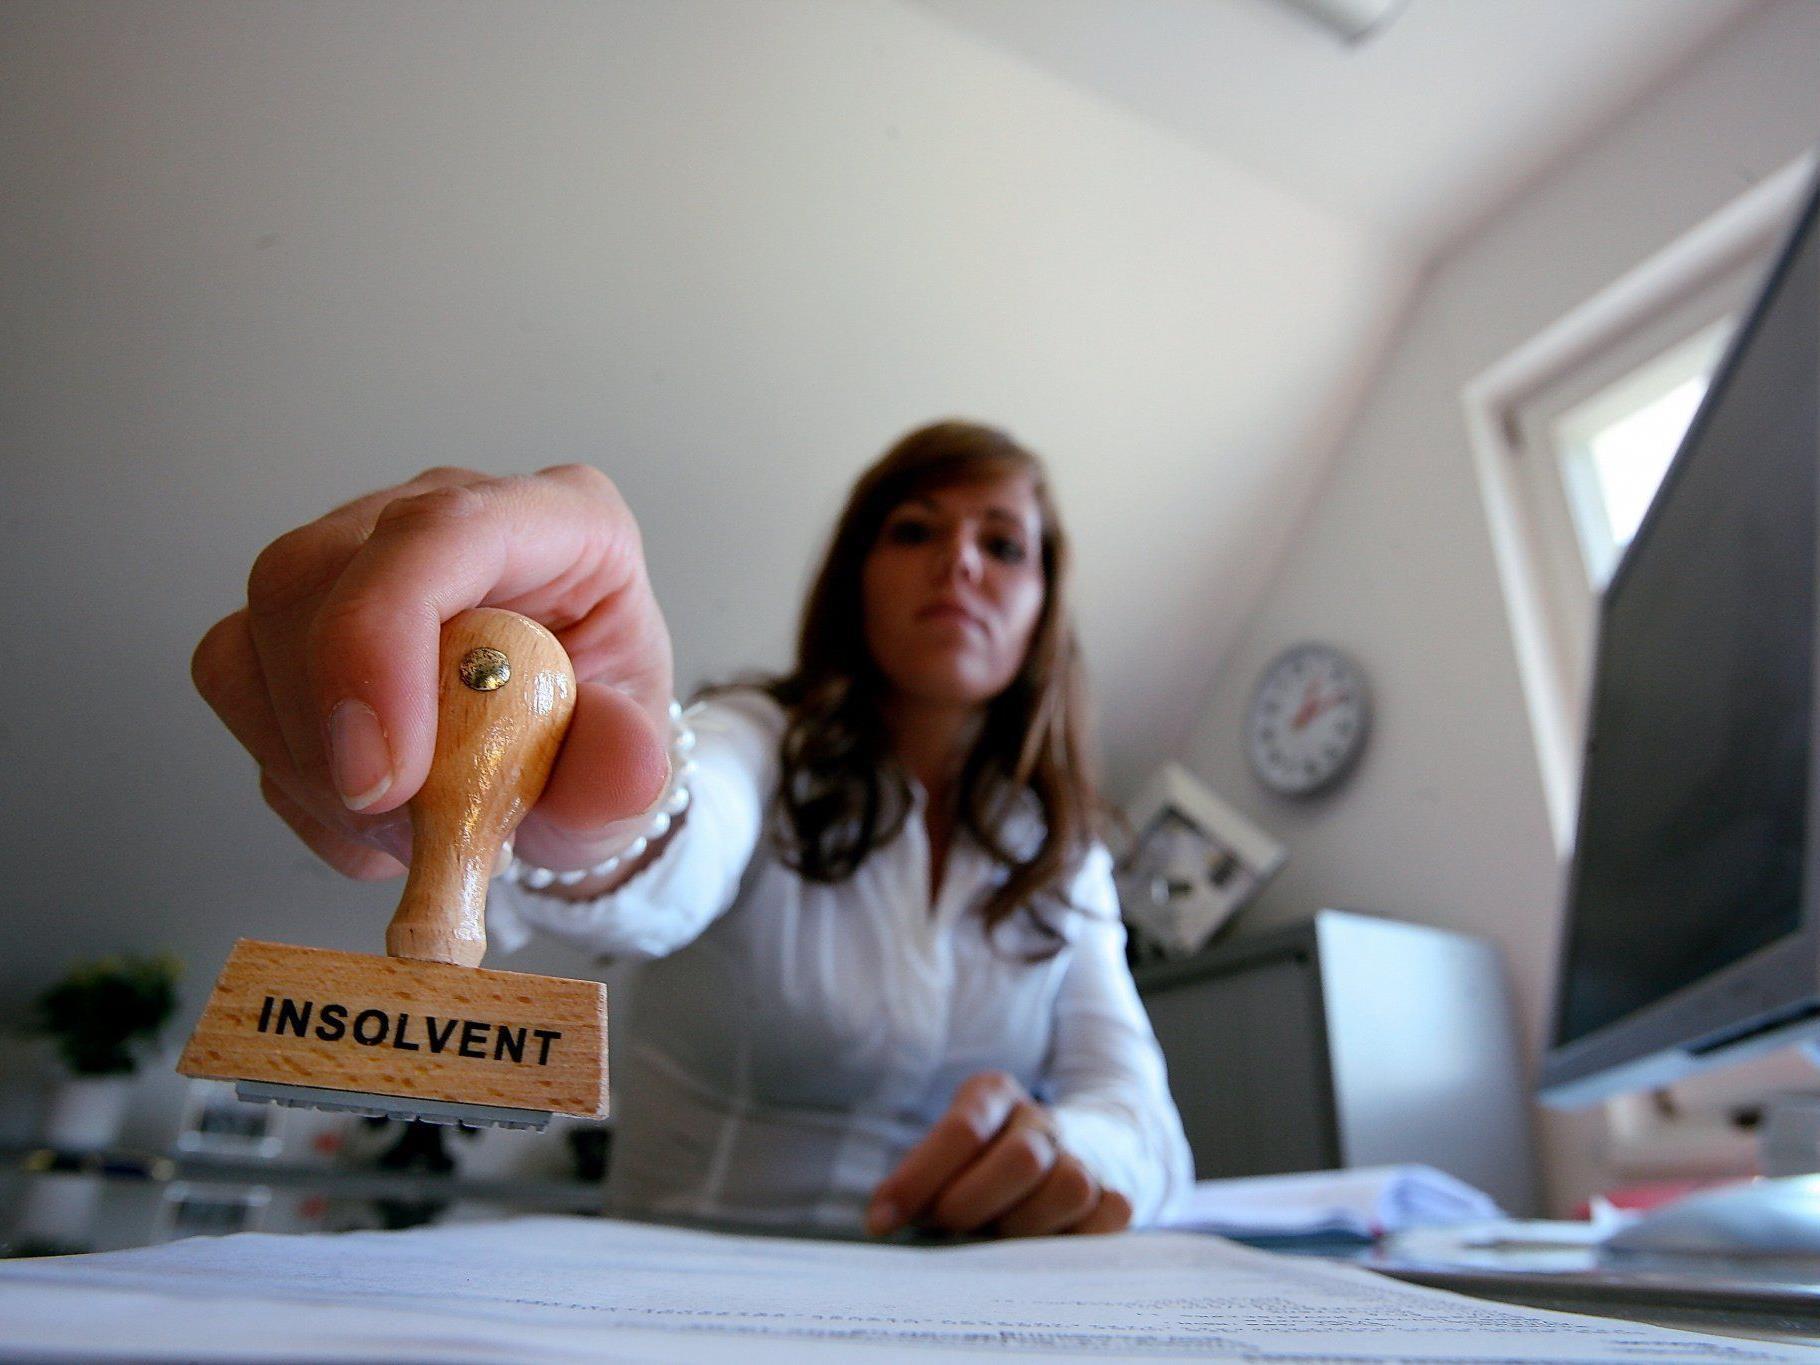 Zahl der Firmeninsolvenzen in Vorarlberg im Jahr 2011 um 29,4 Prozent zurückgegangen